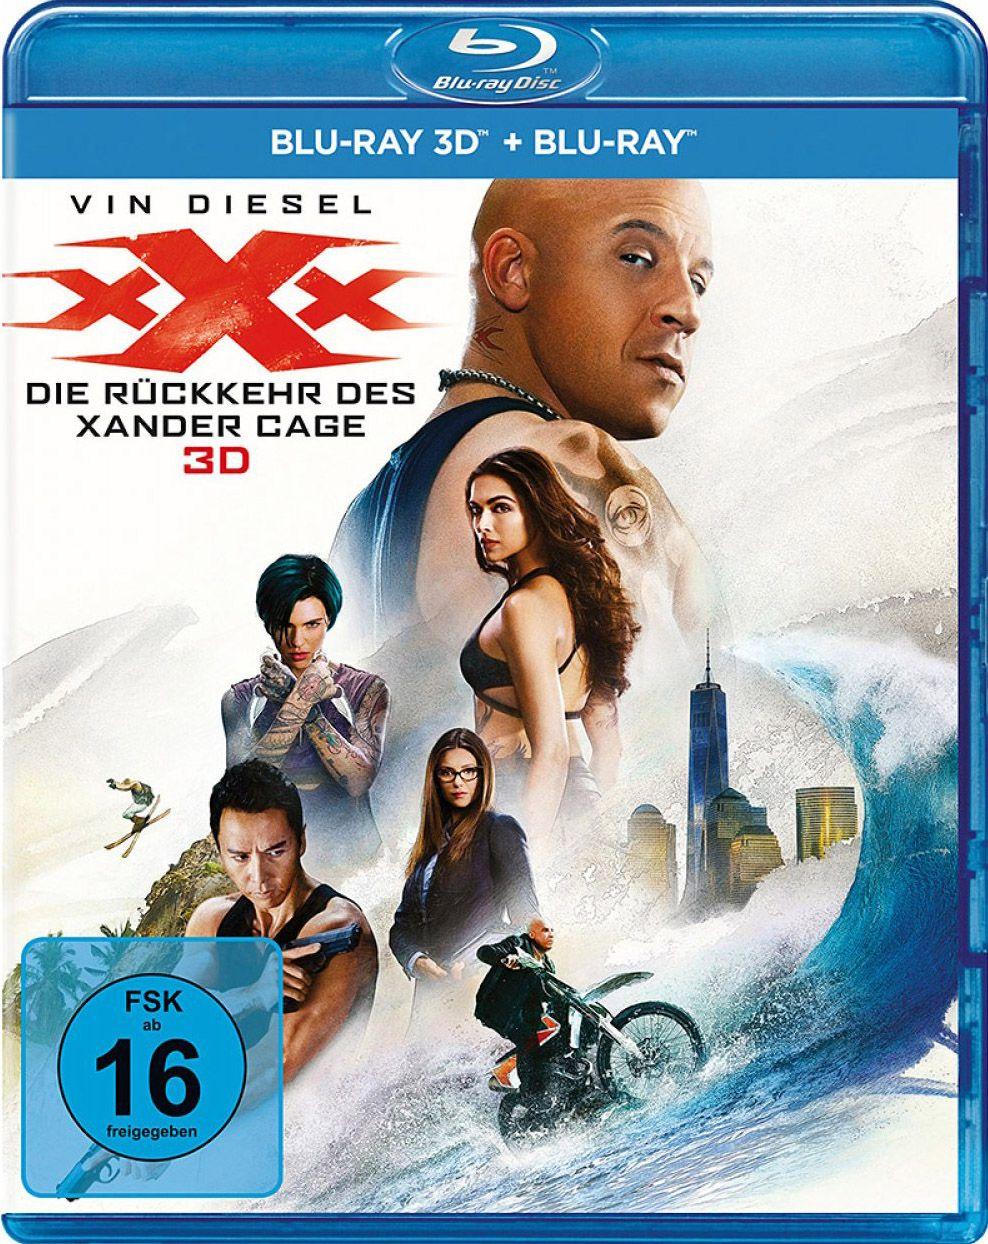 xXx - Die Rückkehr des Xander Cage (2 Discs) (BLURAY 3D + BLURAY)